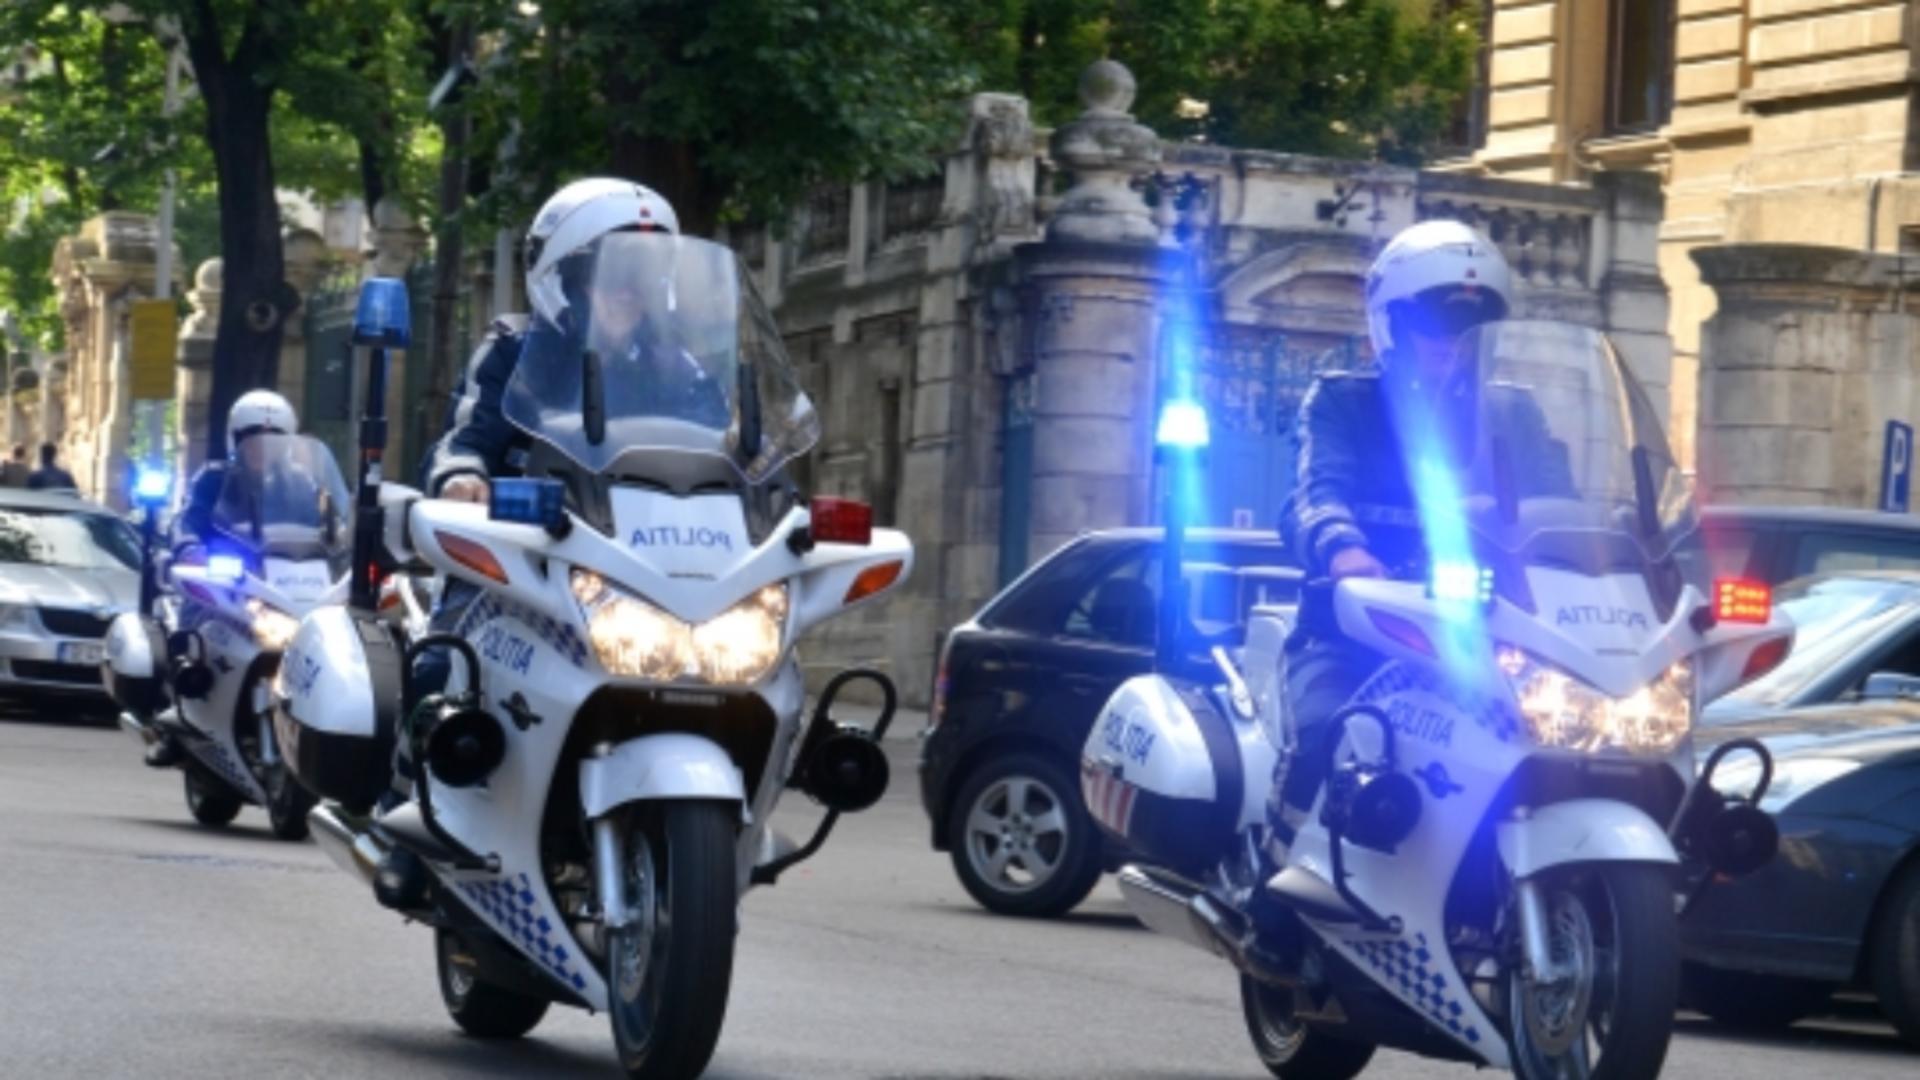 Poliția Română are șef plin